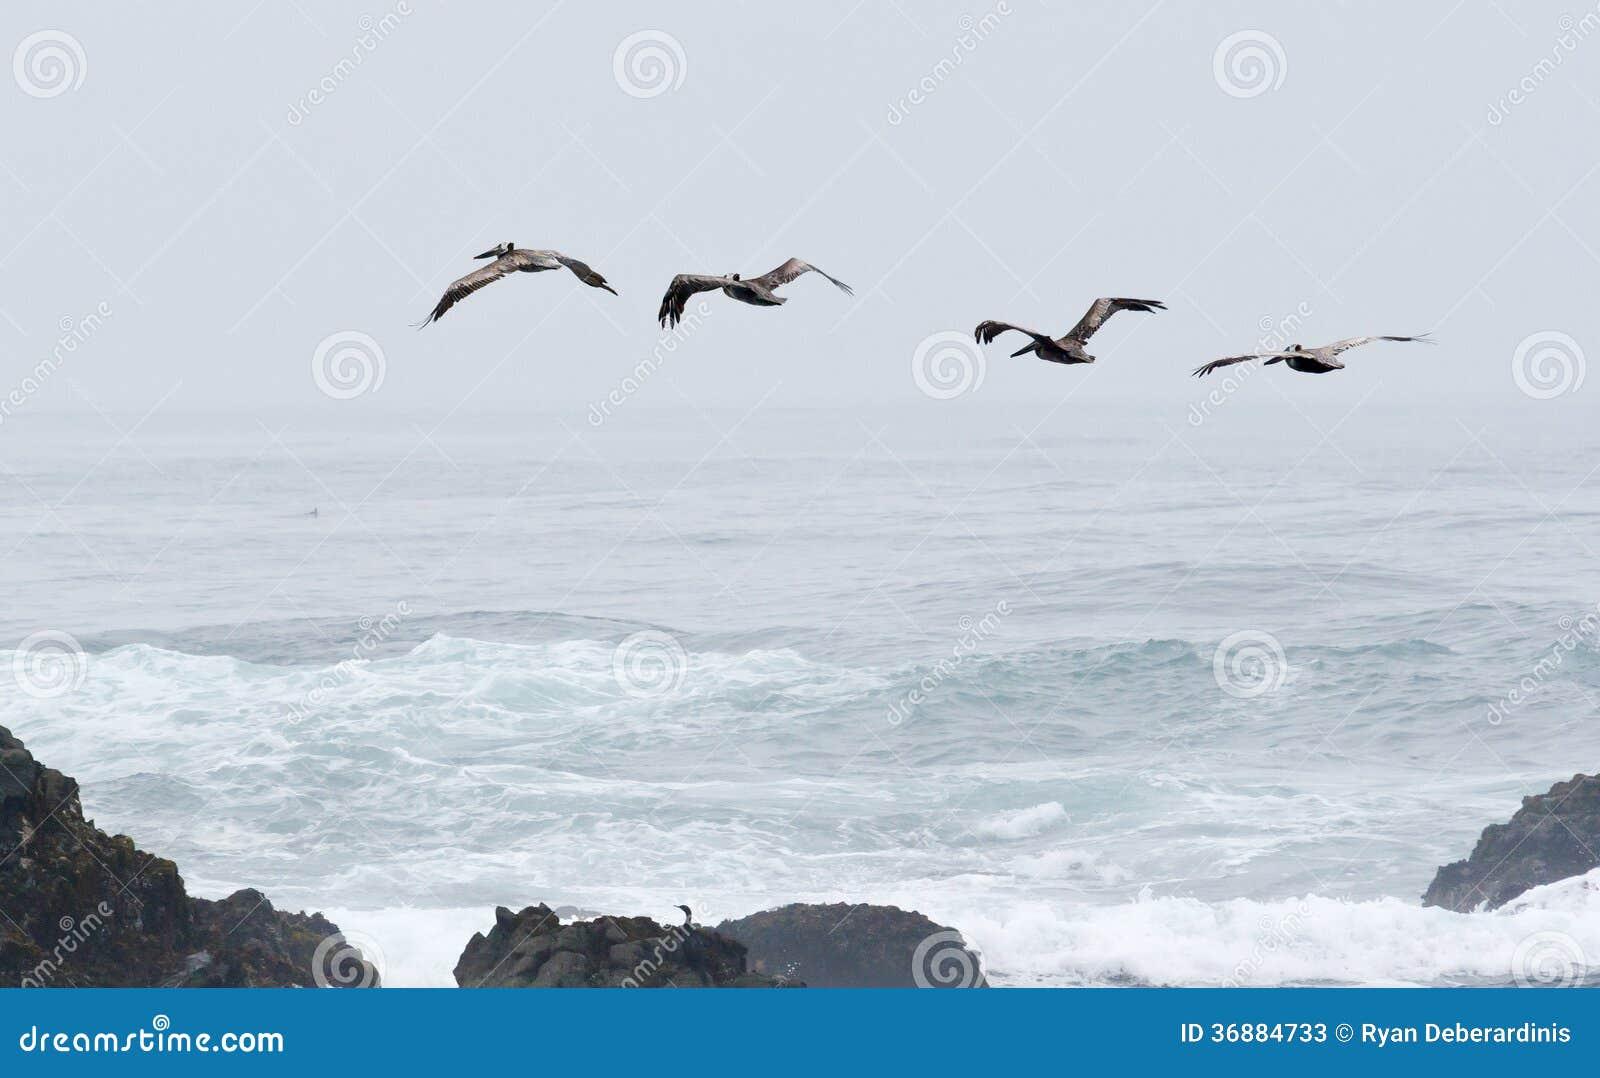 Download Uccelli Che Sorvolano Le Onde Ed Attraverso La Nebbia Immagine Stock - Immagine di corsa, turismo: 36884733